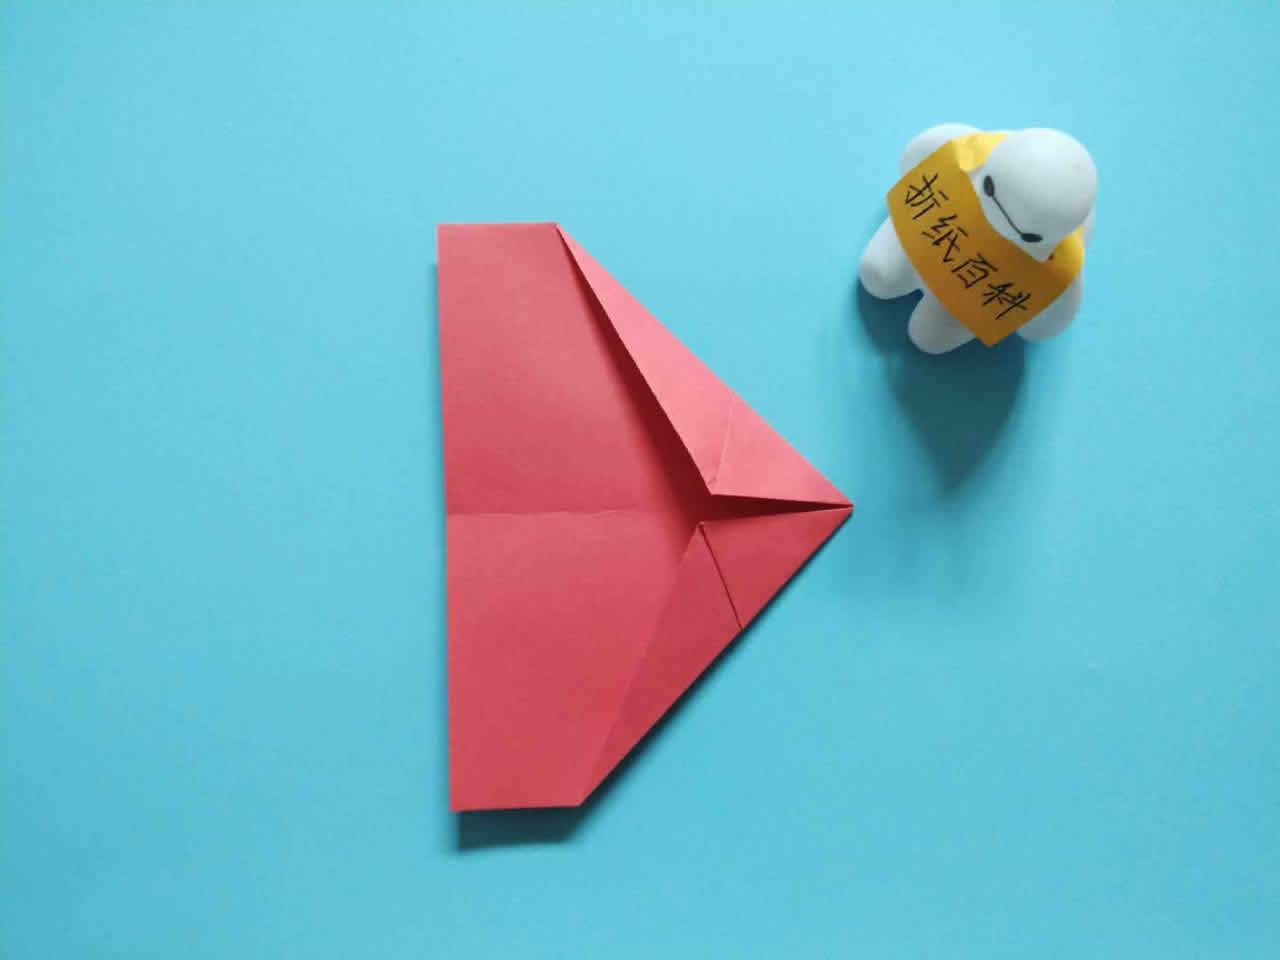 能飞得很远的折纸飞机,简单几步就做好,手工DIY折纸图解教程 家务妙招 第5张